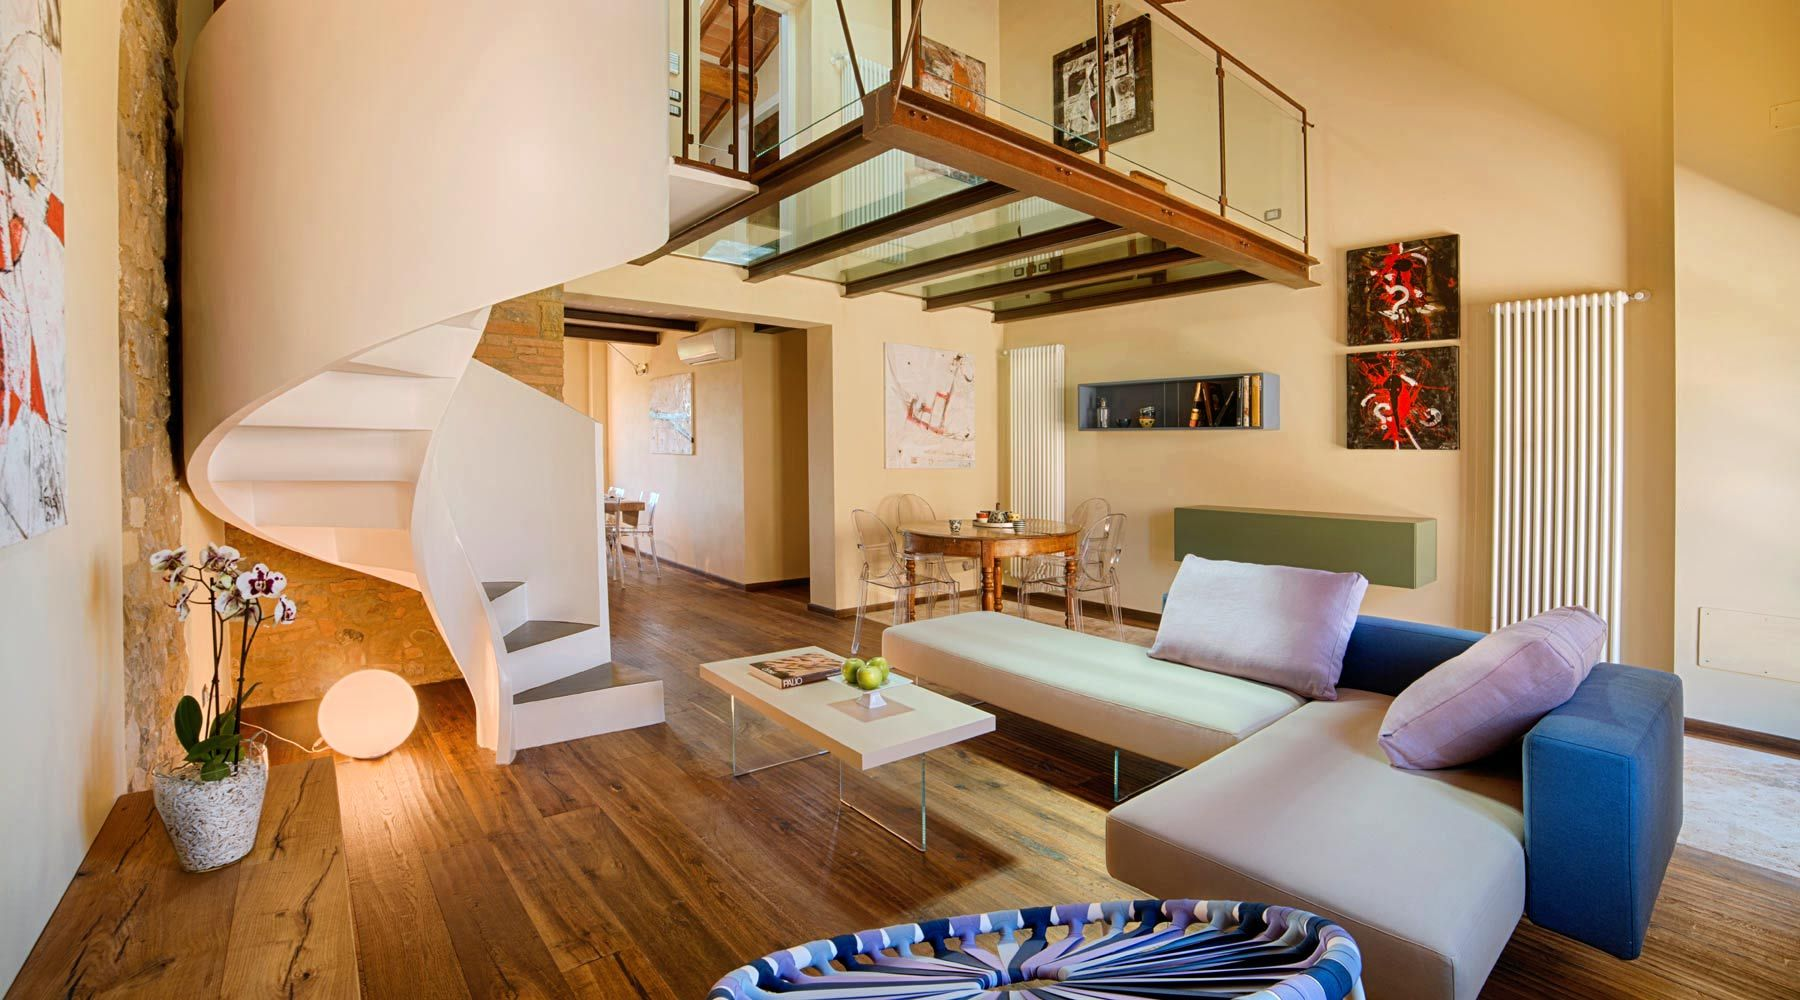 Arredamento Contemporaneo ~ Bed and breakfast di design in toscana con arredamento moderno